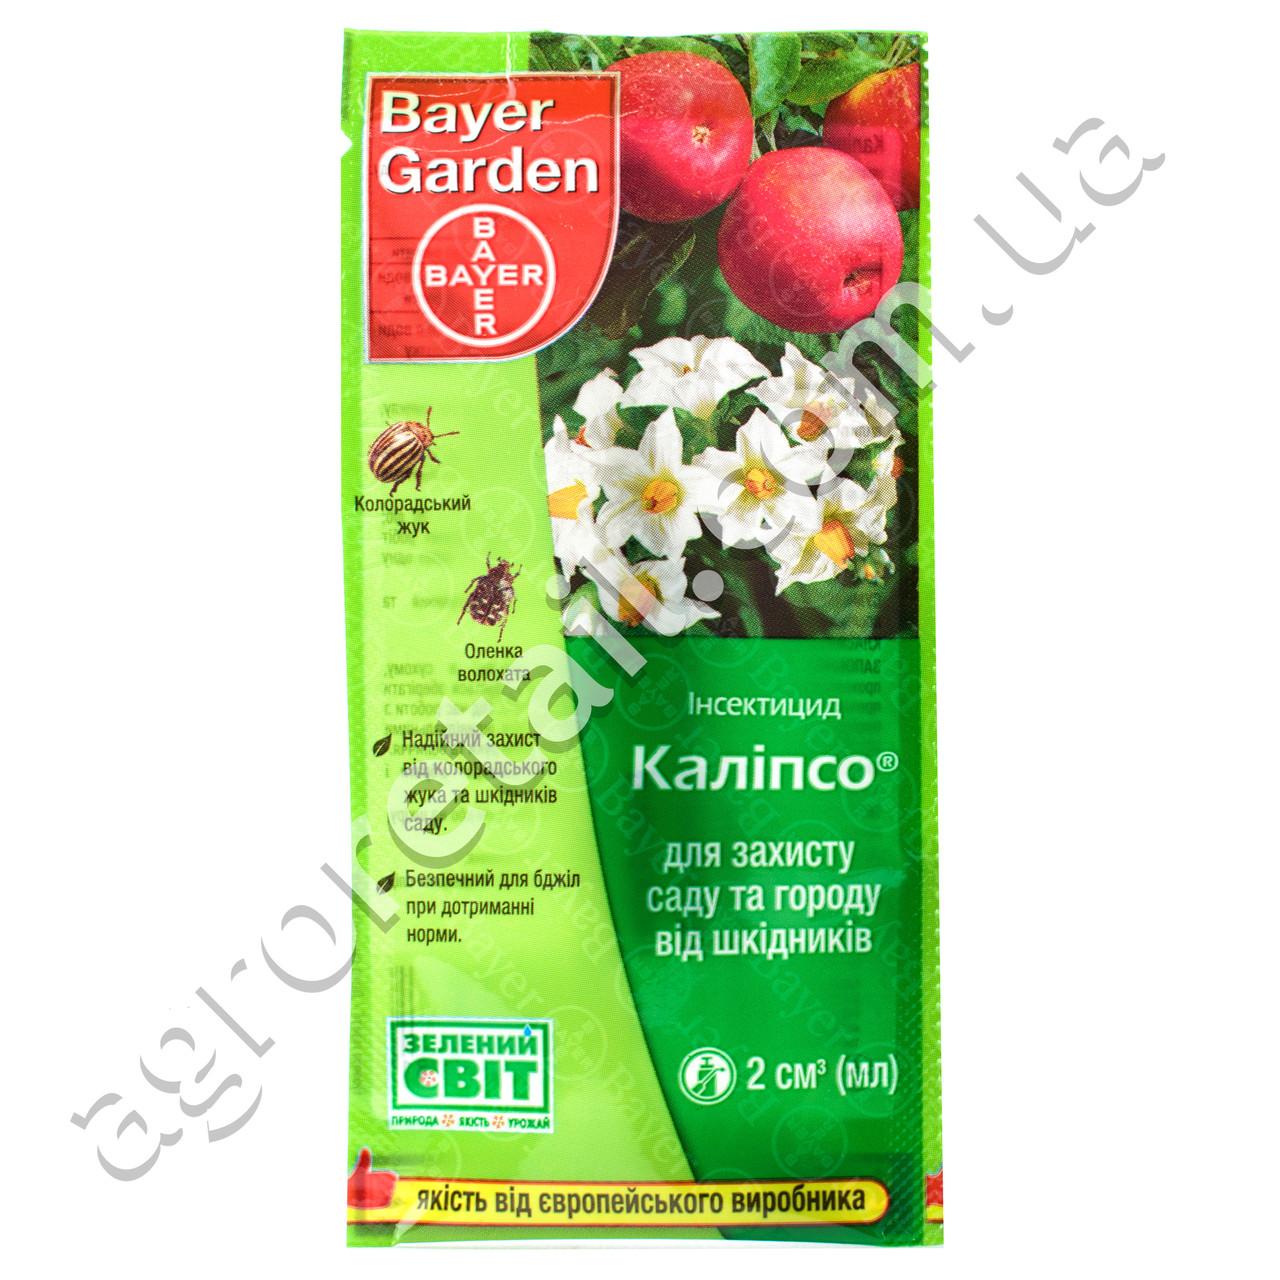 Bayer 480 sc 2 for Bayer garden